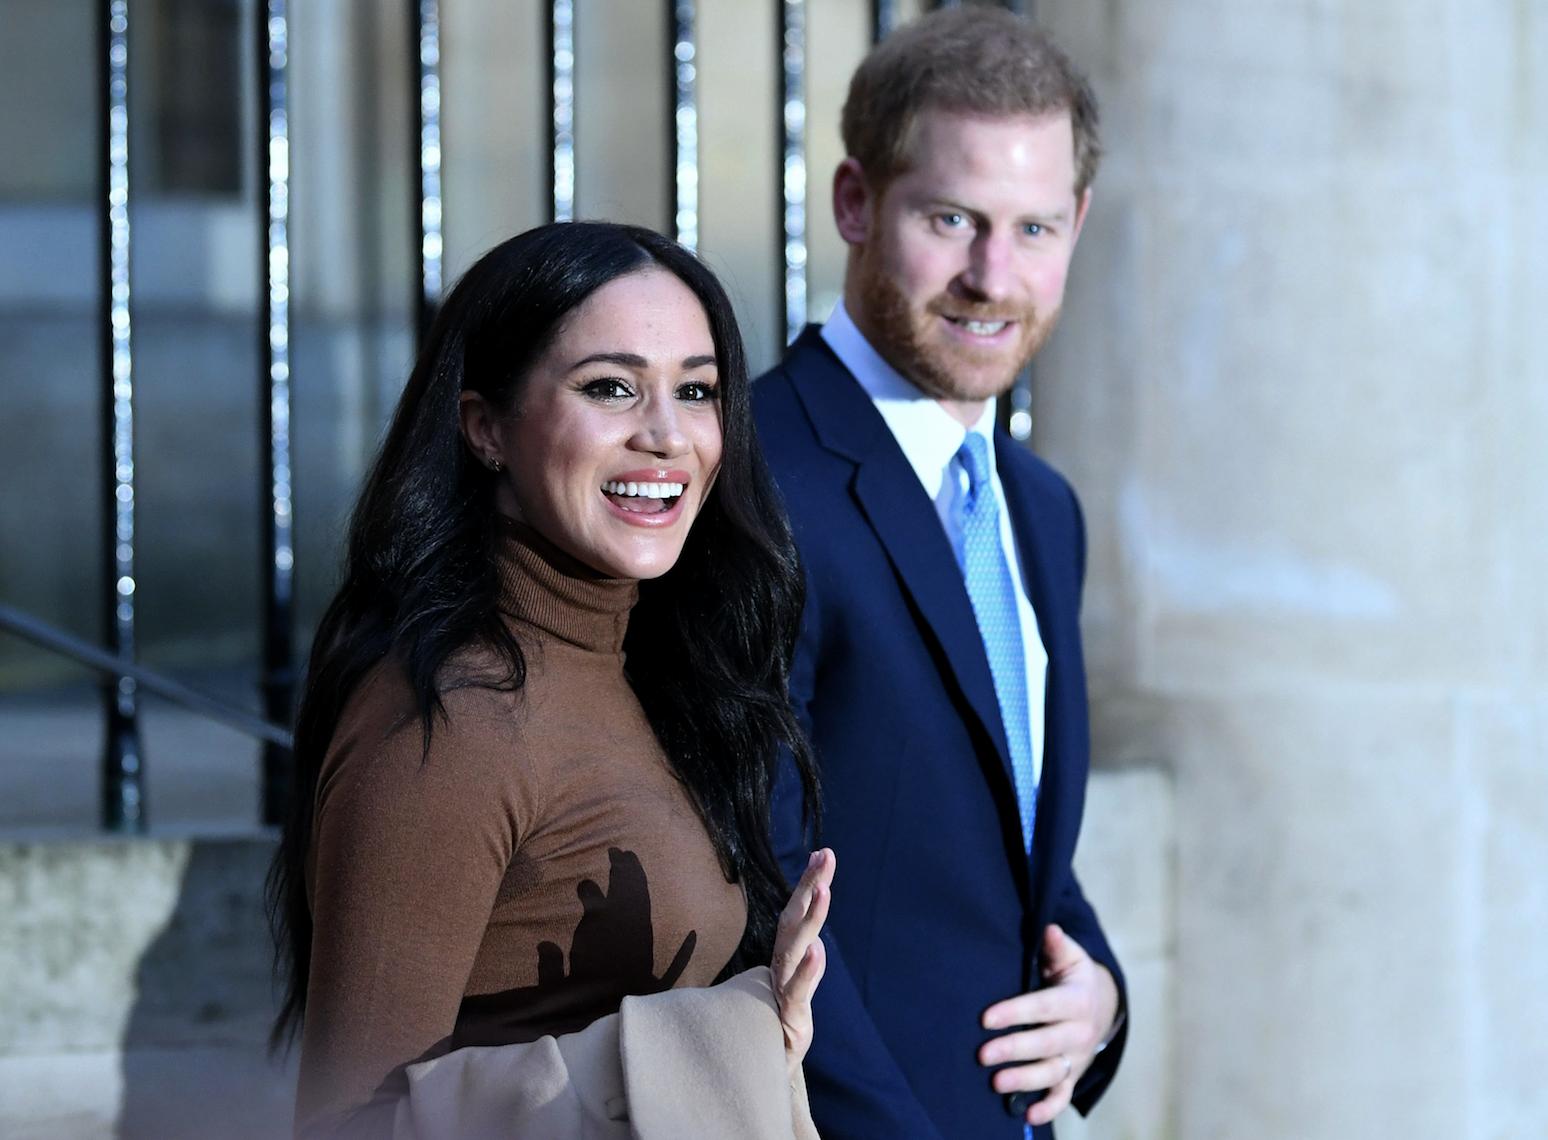 Принц Гарри и Меган Маркл вновь станут родителями второй раз